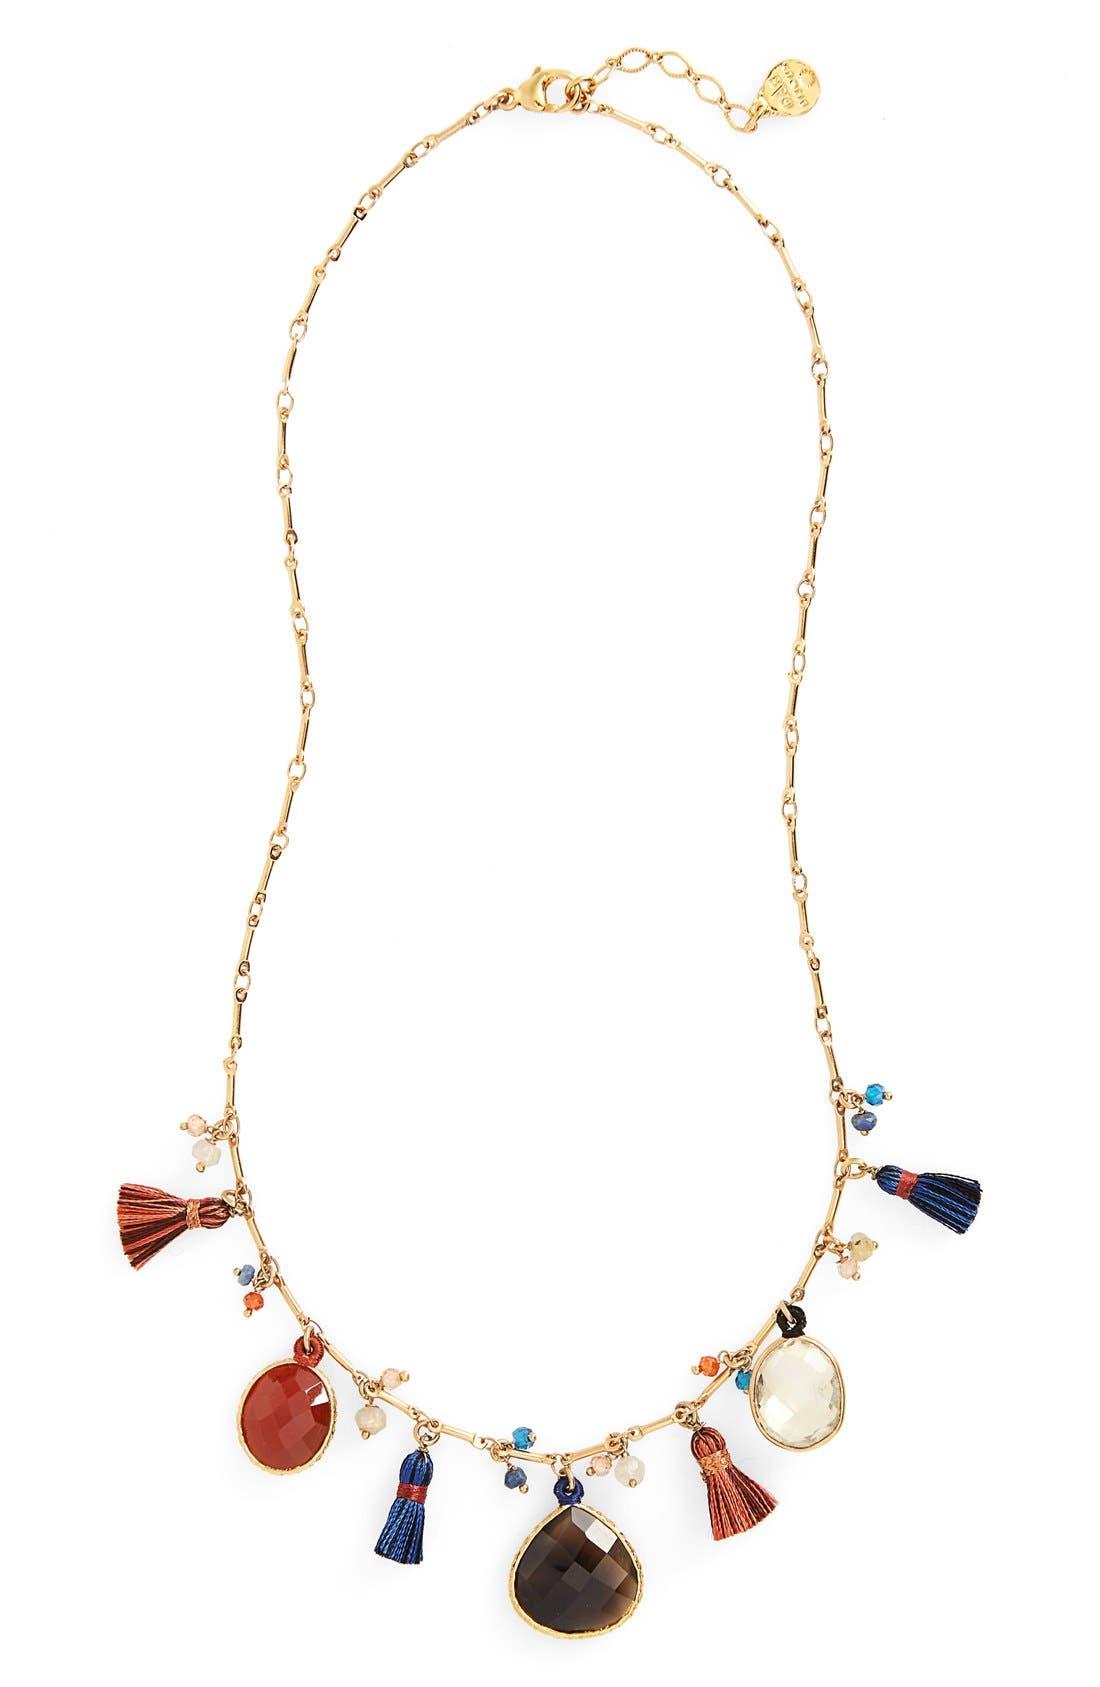 GAS BIJOUX Serti Collar Necklace